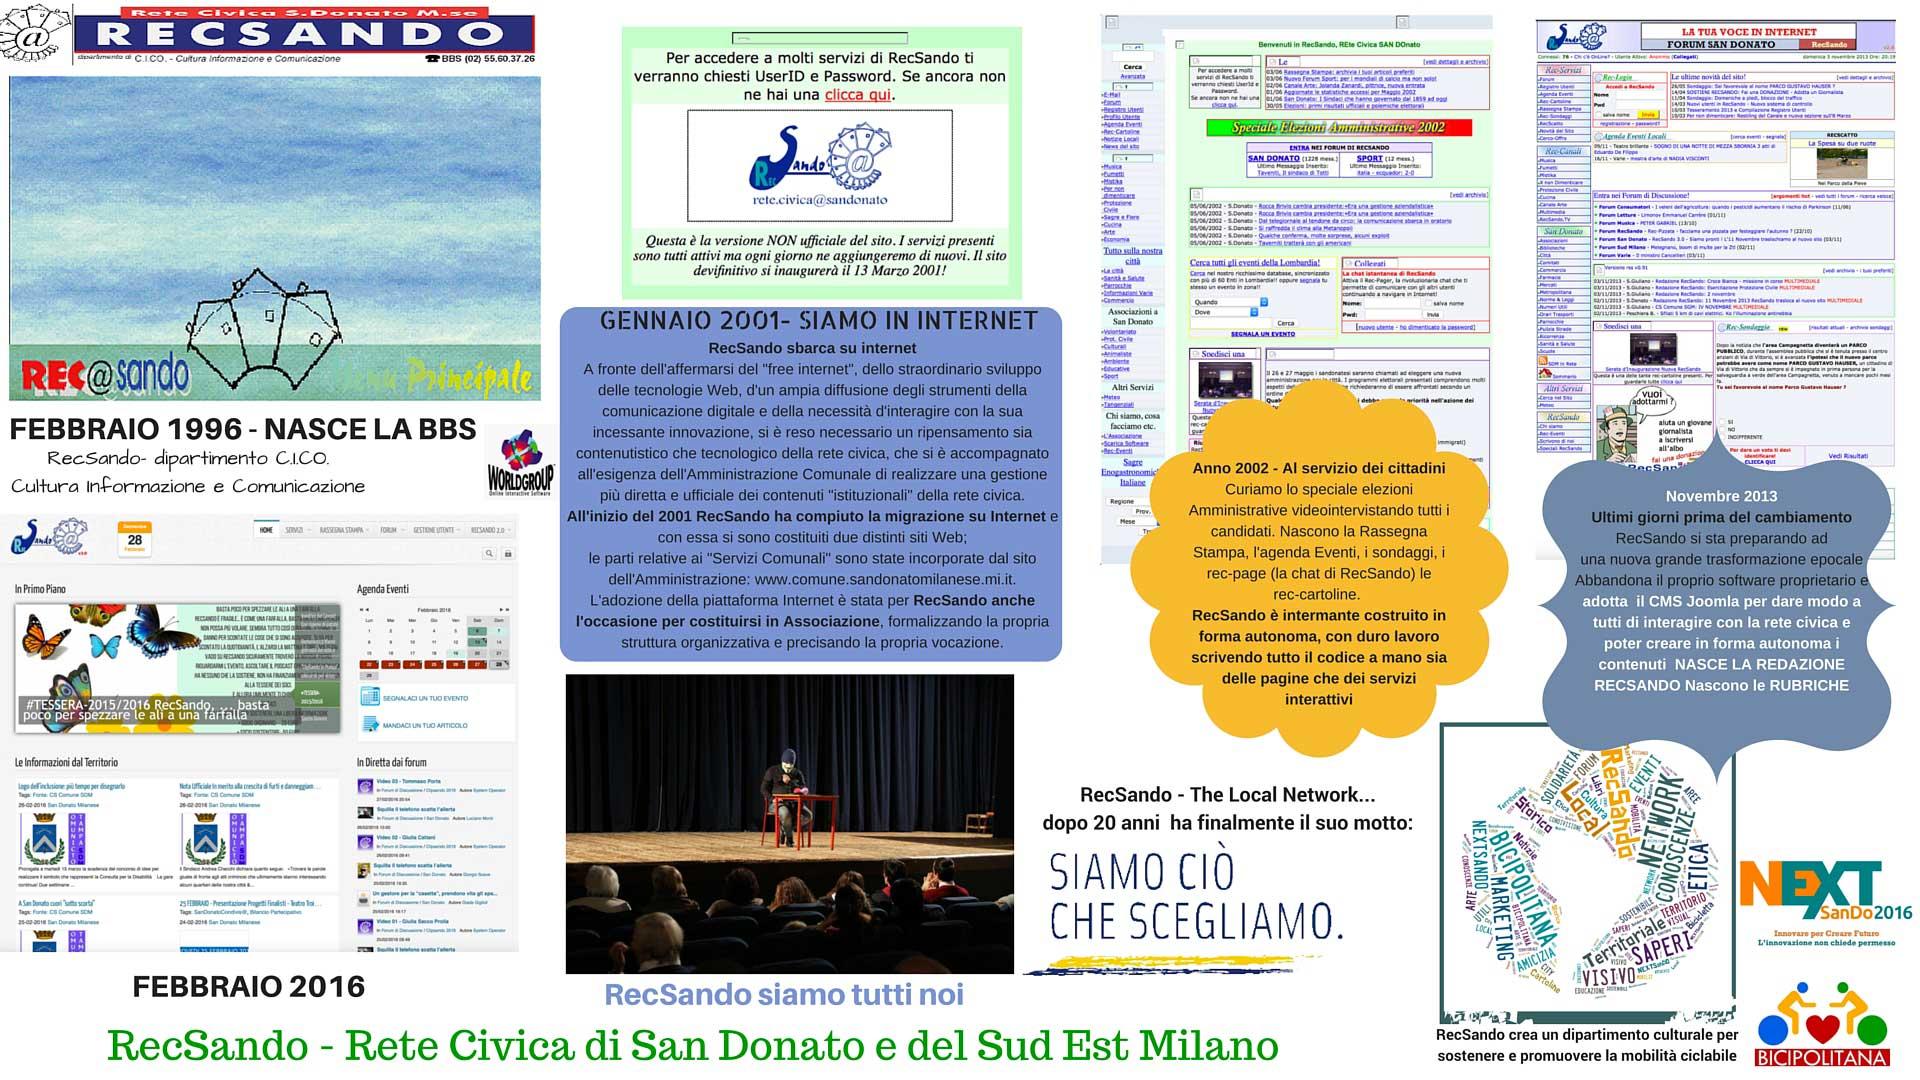 02345_cover_storia_recsando